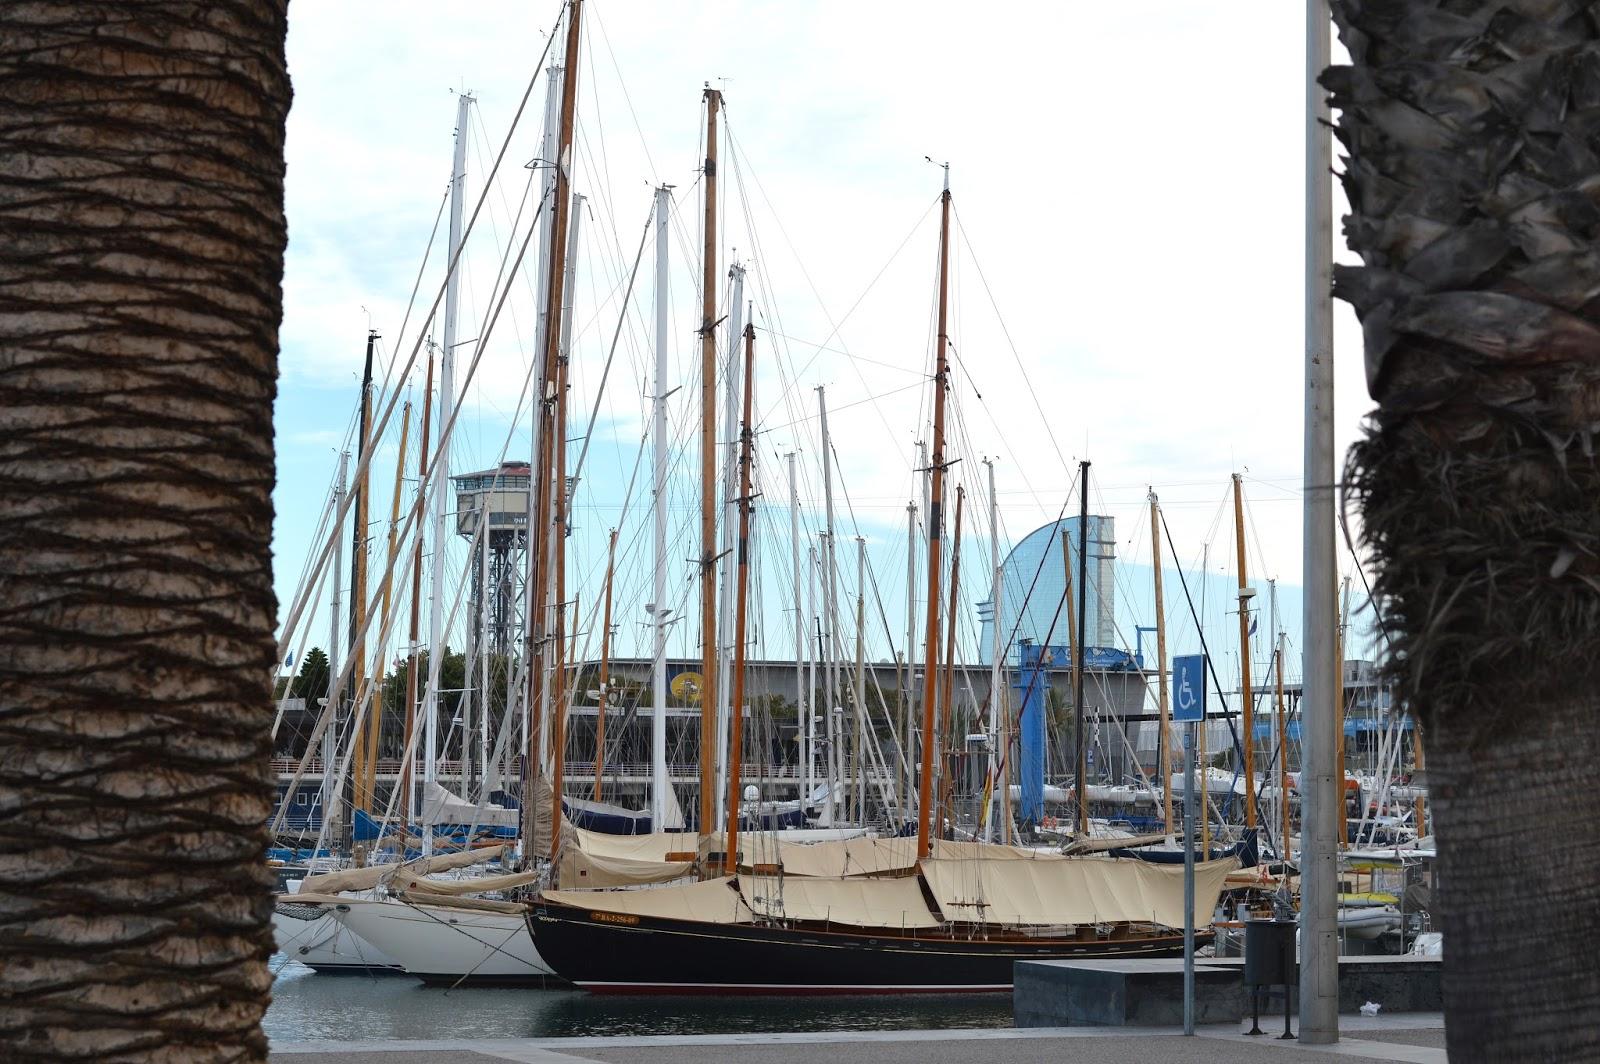 Barcelona marina travel